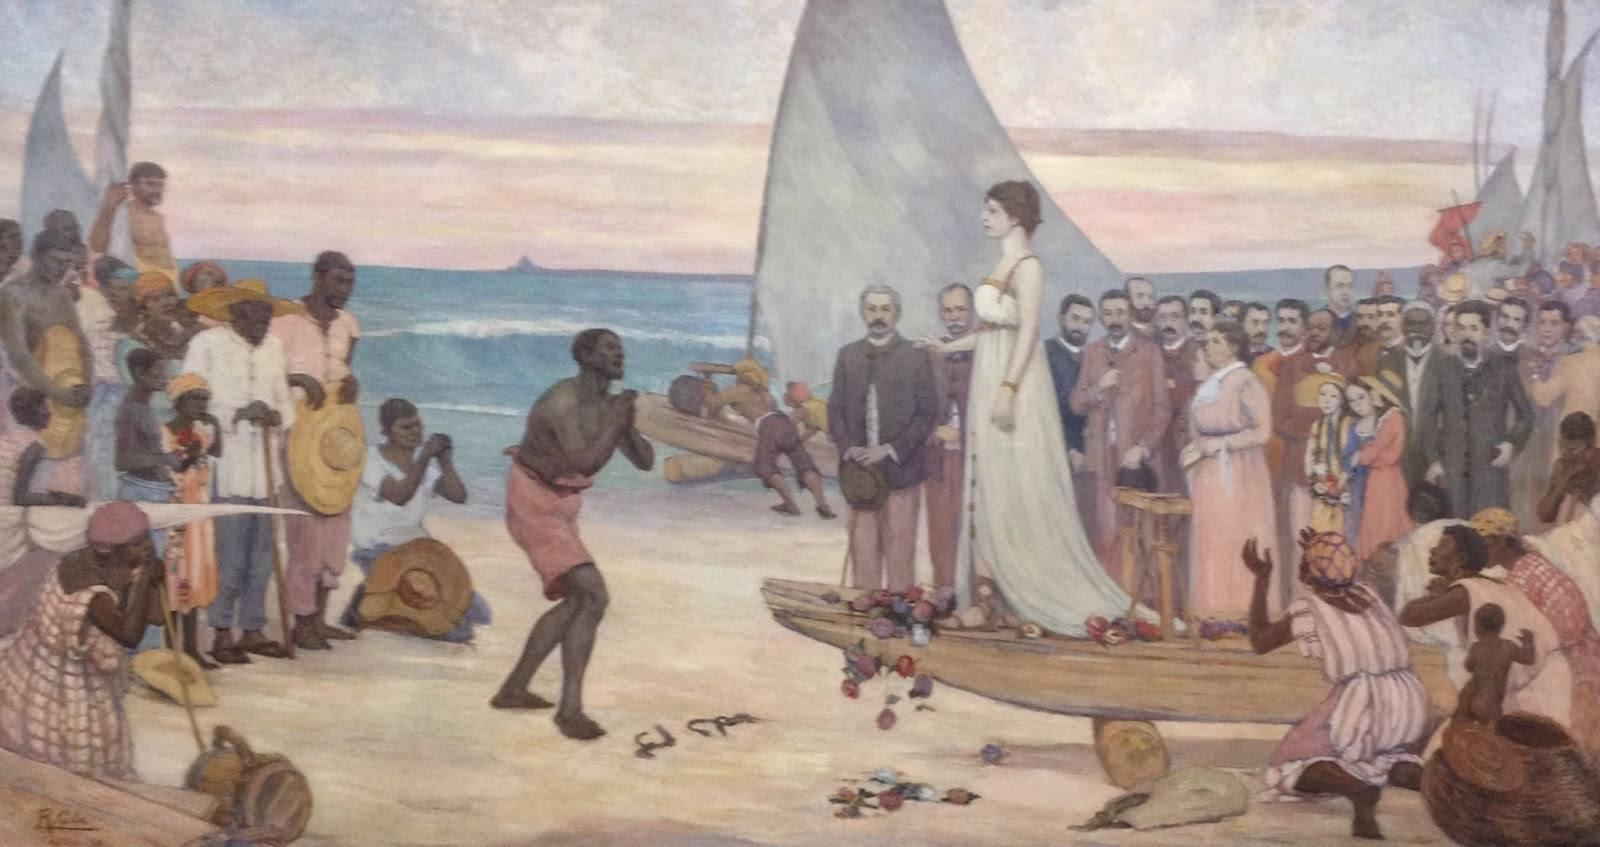 Pintura criada em 1938, pelo pintor cearense Raimundo Cela, sobre a Abolição da escravatura para o Palácio do Governo do Estado, em Fortaleza